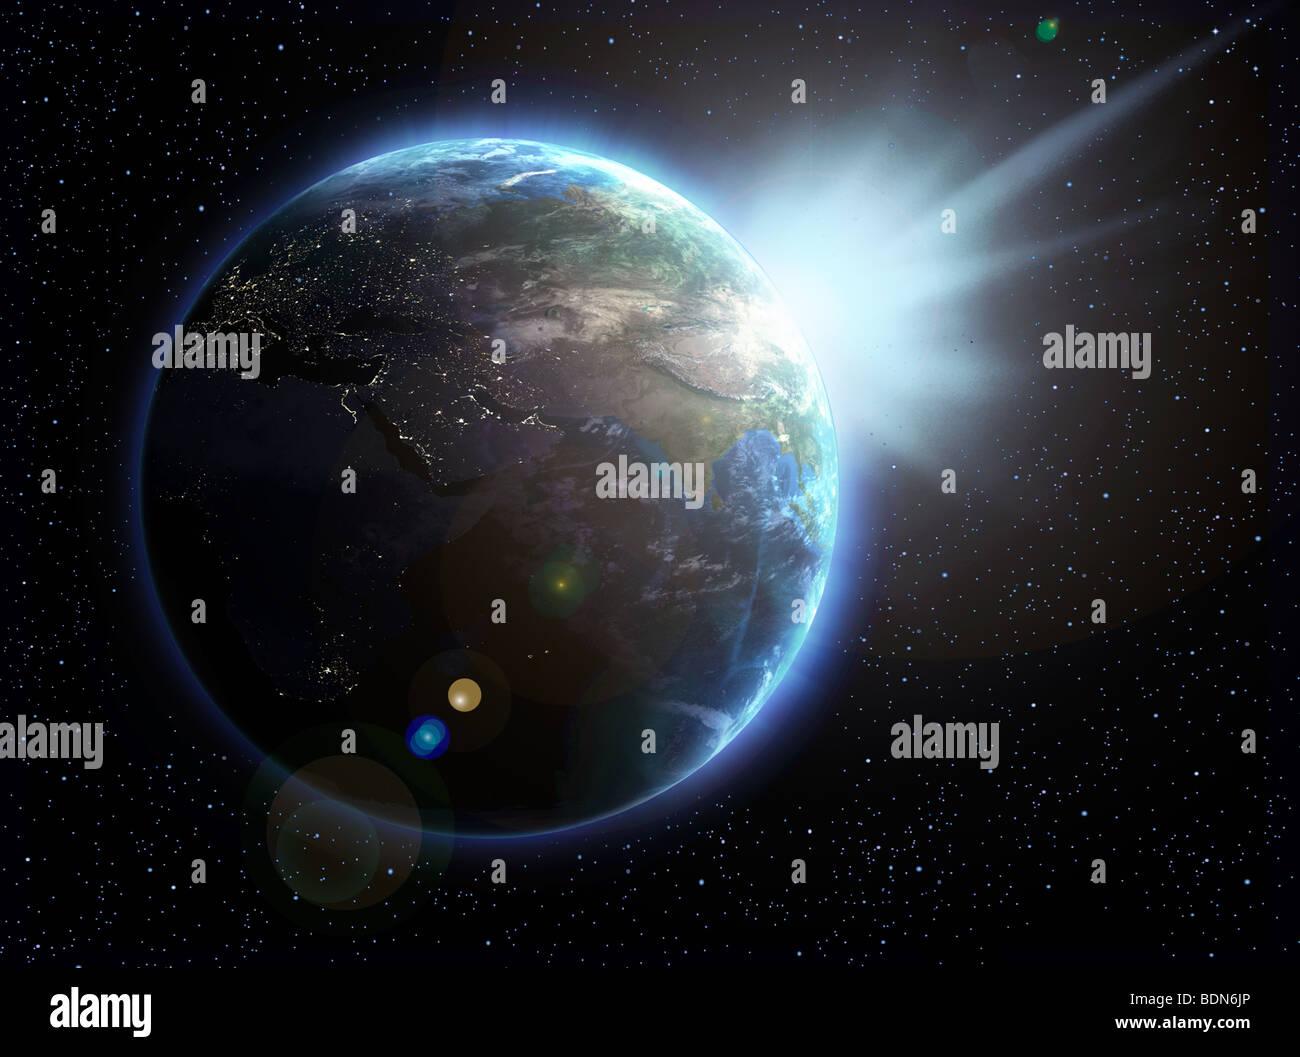 La tierra y el sol, ilustración Imagen De Stock